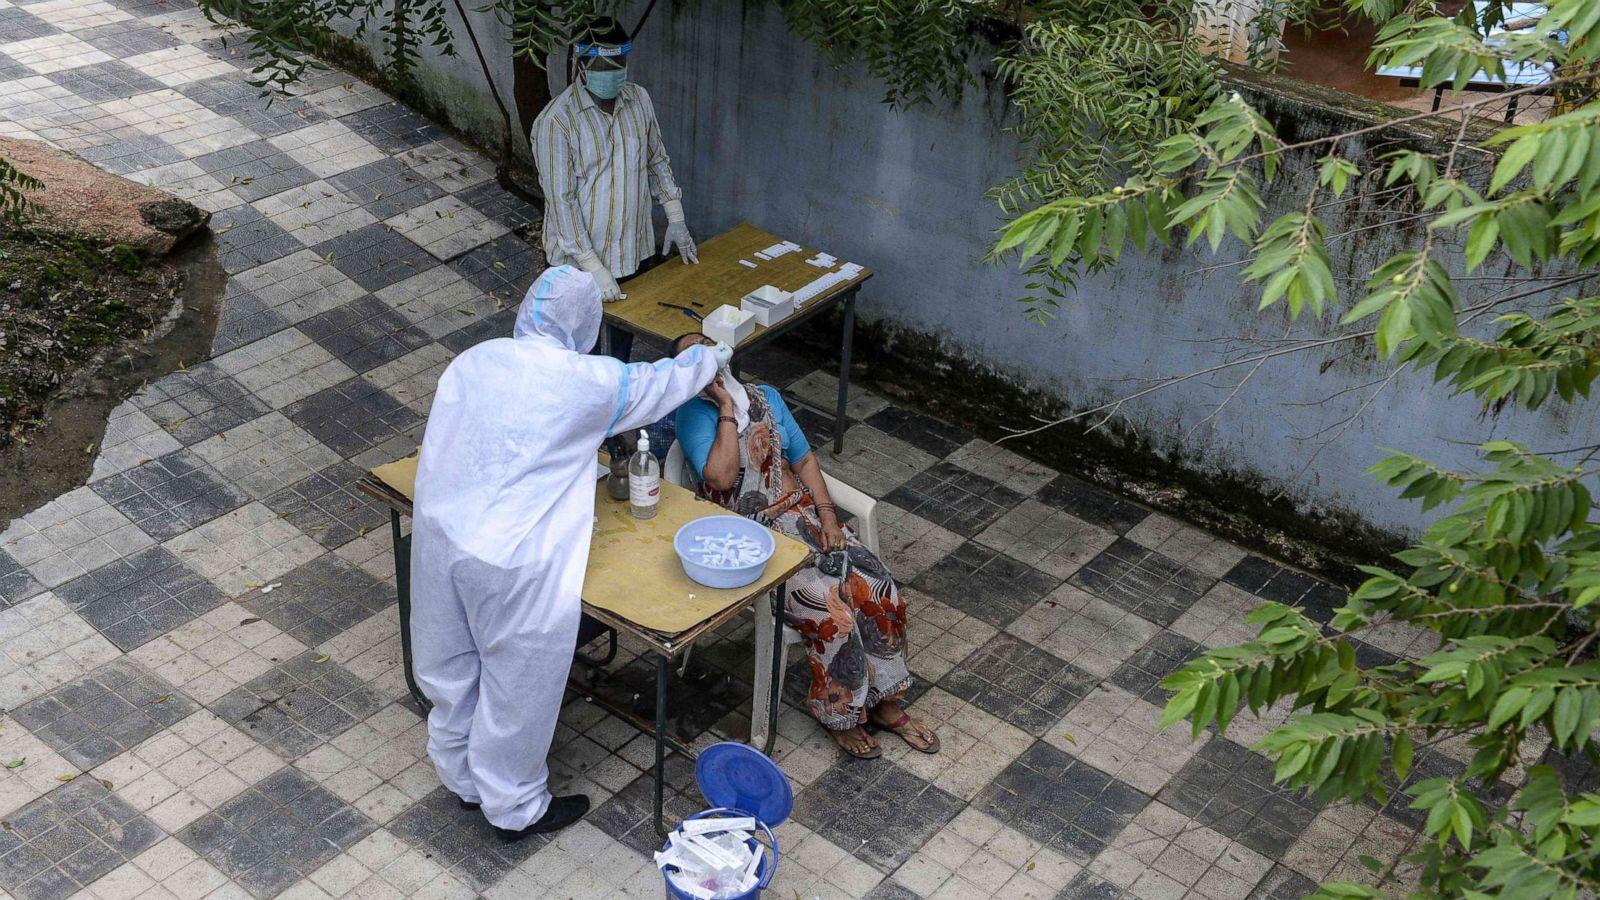 coronavirus test hyderabad india getty 200 hpMain 20200918 044501 16x9 1600